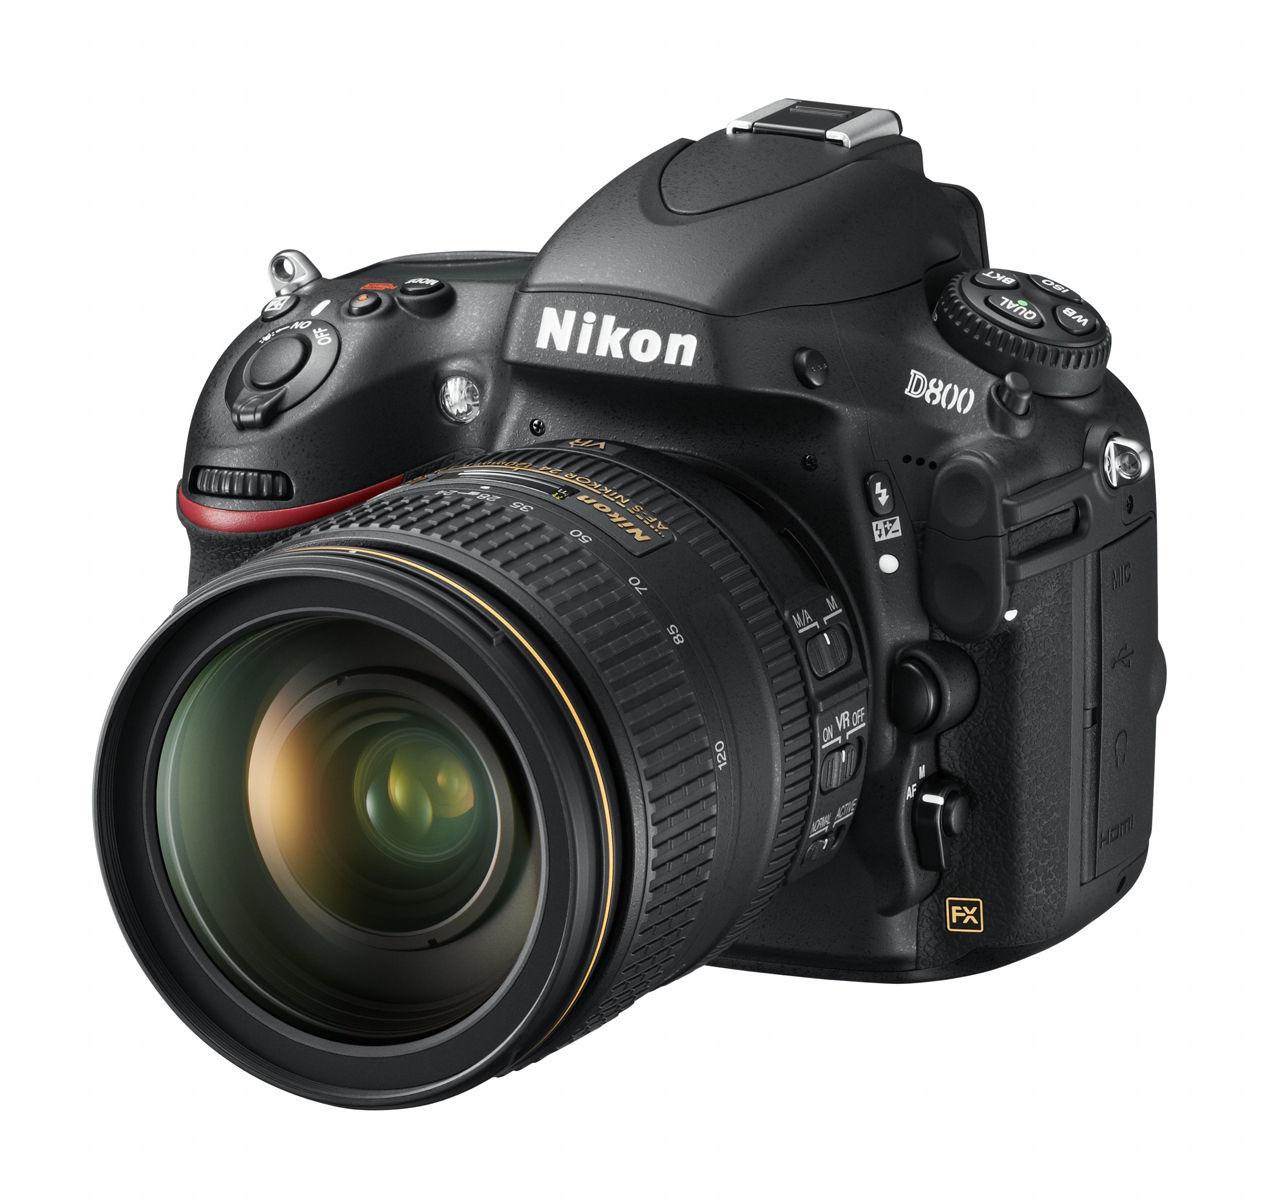 Nikon släpper D800 med 36 megapixel